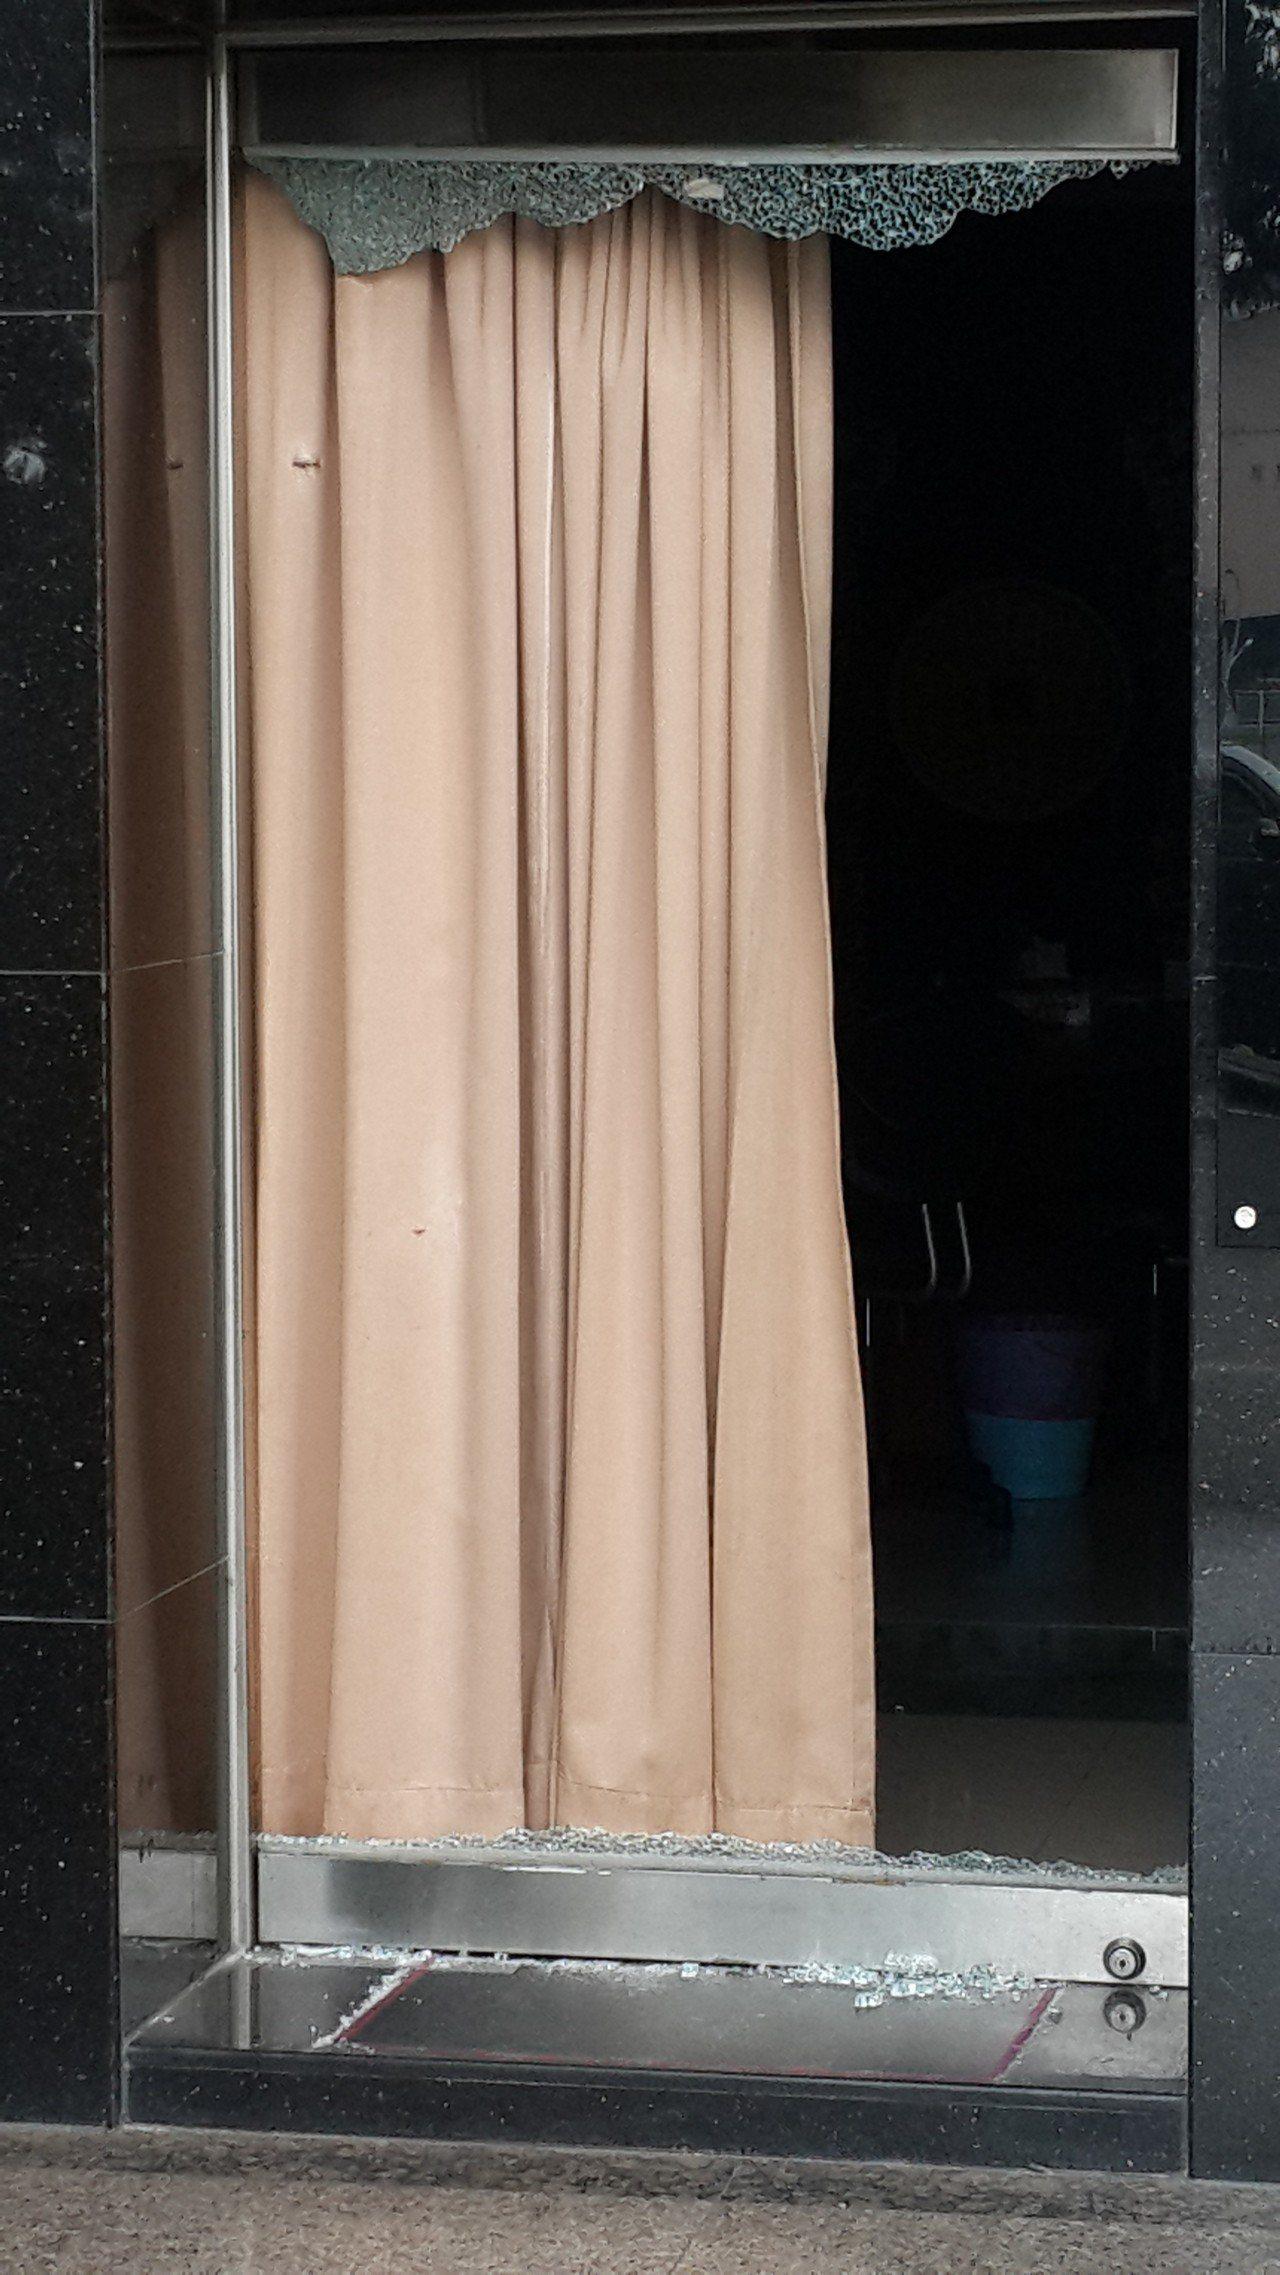 高雄市楠梓區一家建設公司大門遭槍擊,大門玻璃全部碎裂。記者黃宣翰/攝影